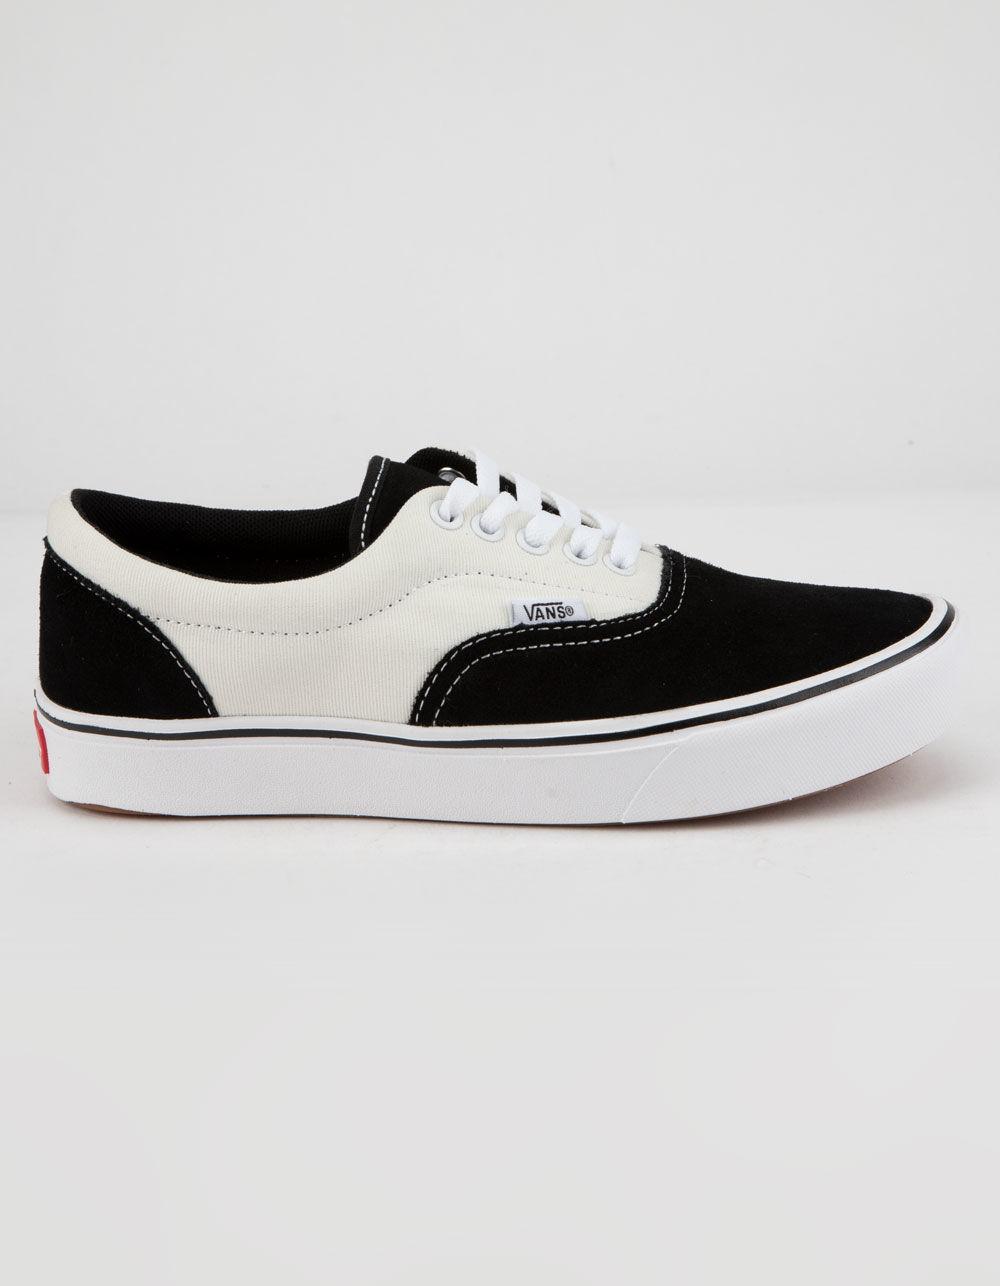 7453c50a180 Vans - Comfycush Era Black   Mars Shoes - Lyst. View fullscreen